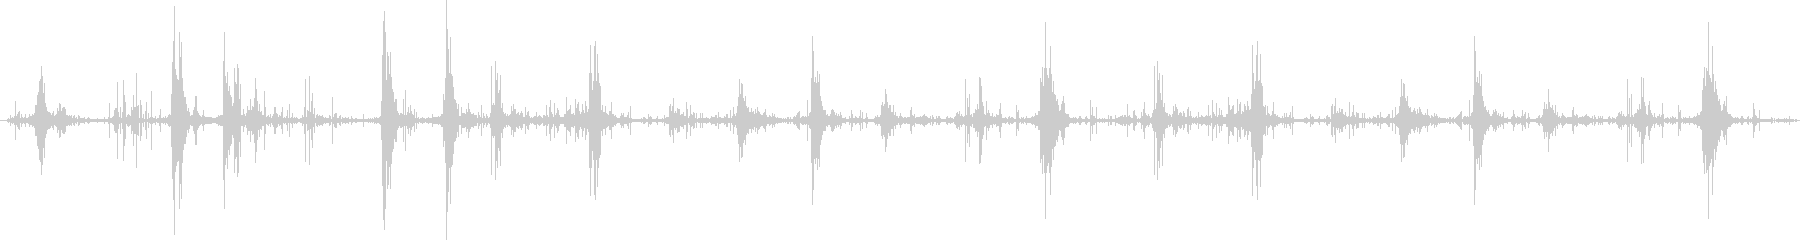 アンダーウォーター:メディウムウェ...の未再生の波形